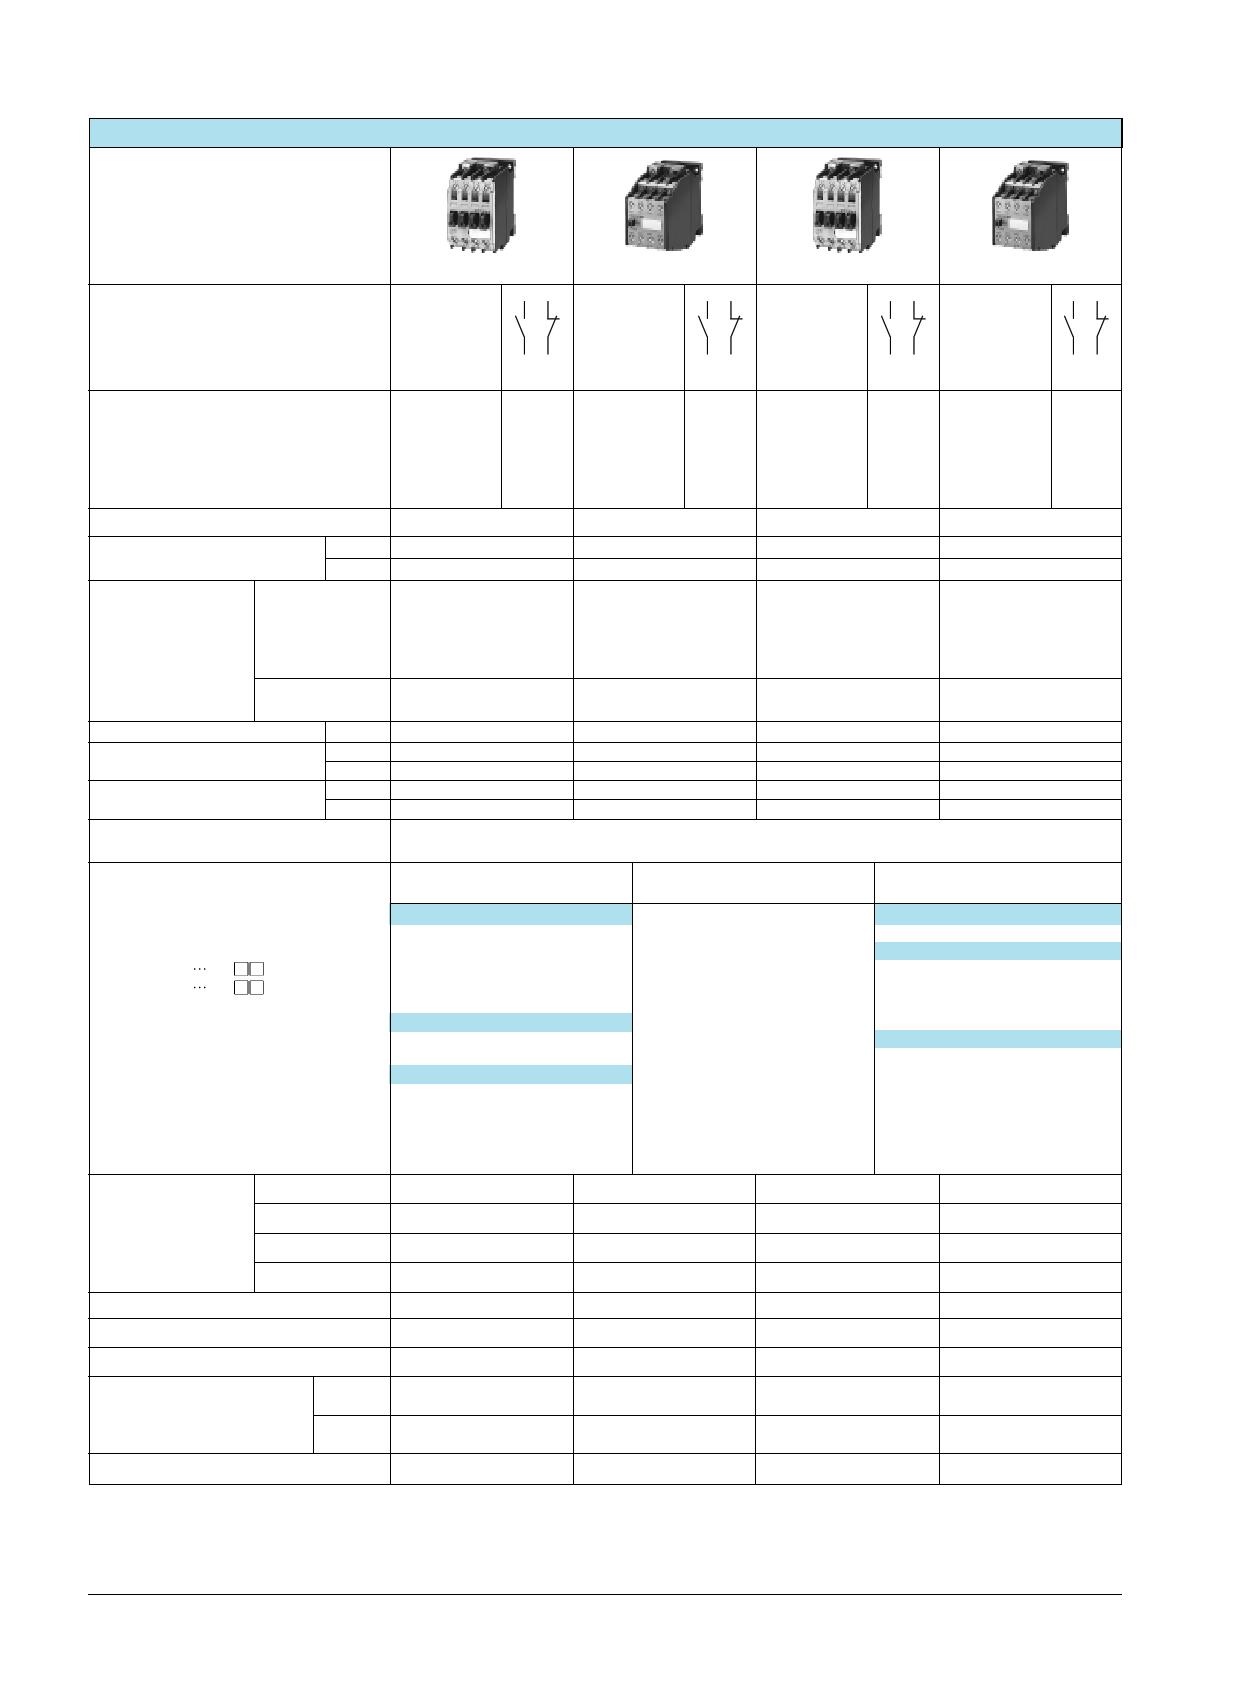 3TF34 Datenblatt PDF